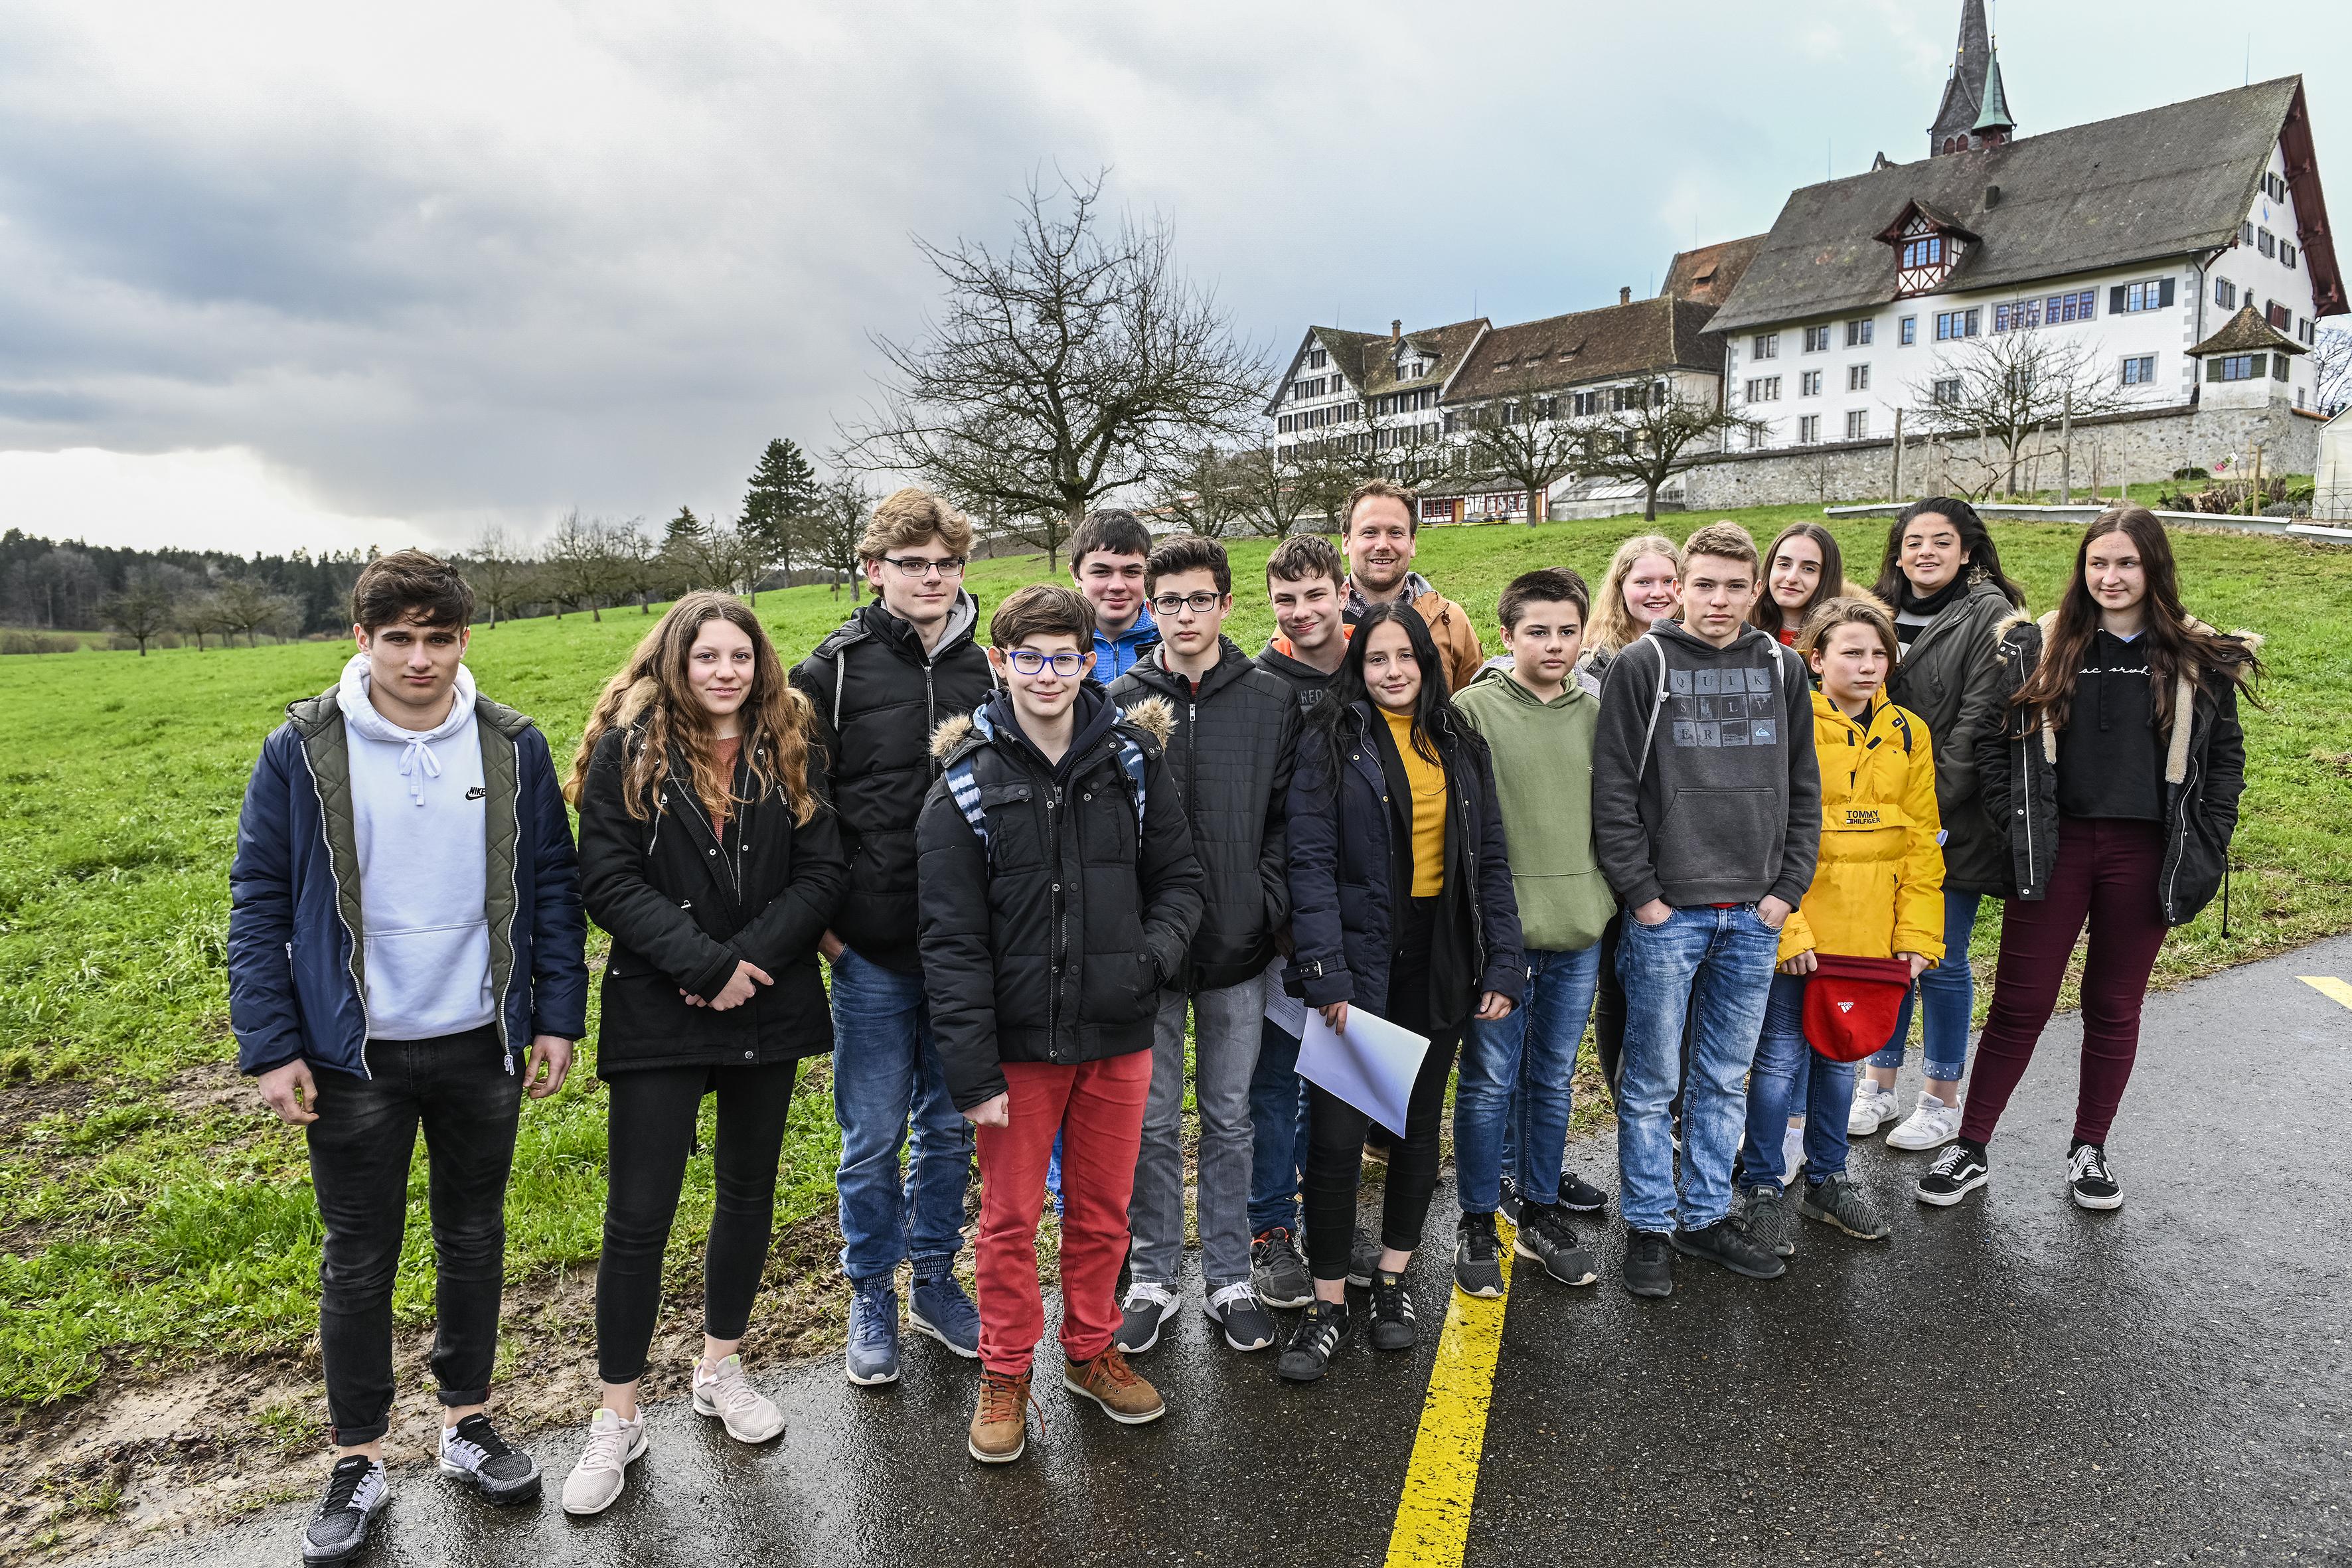 Klasse Marthalen vor dem Kloster Kappel.